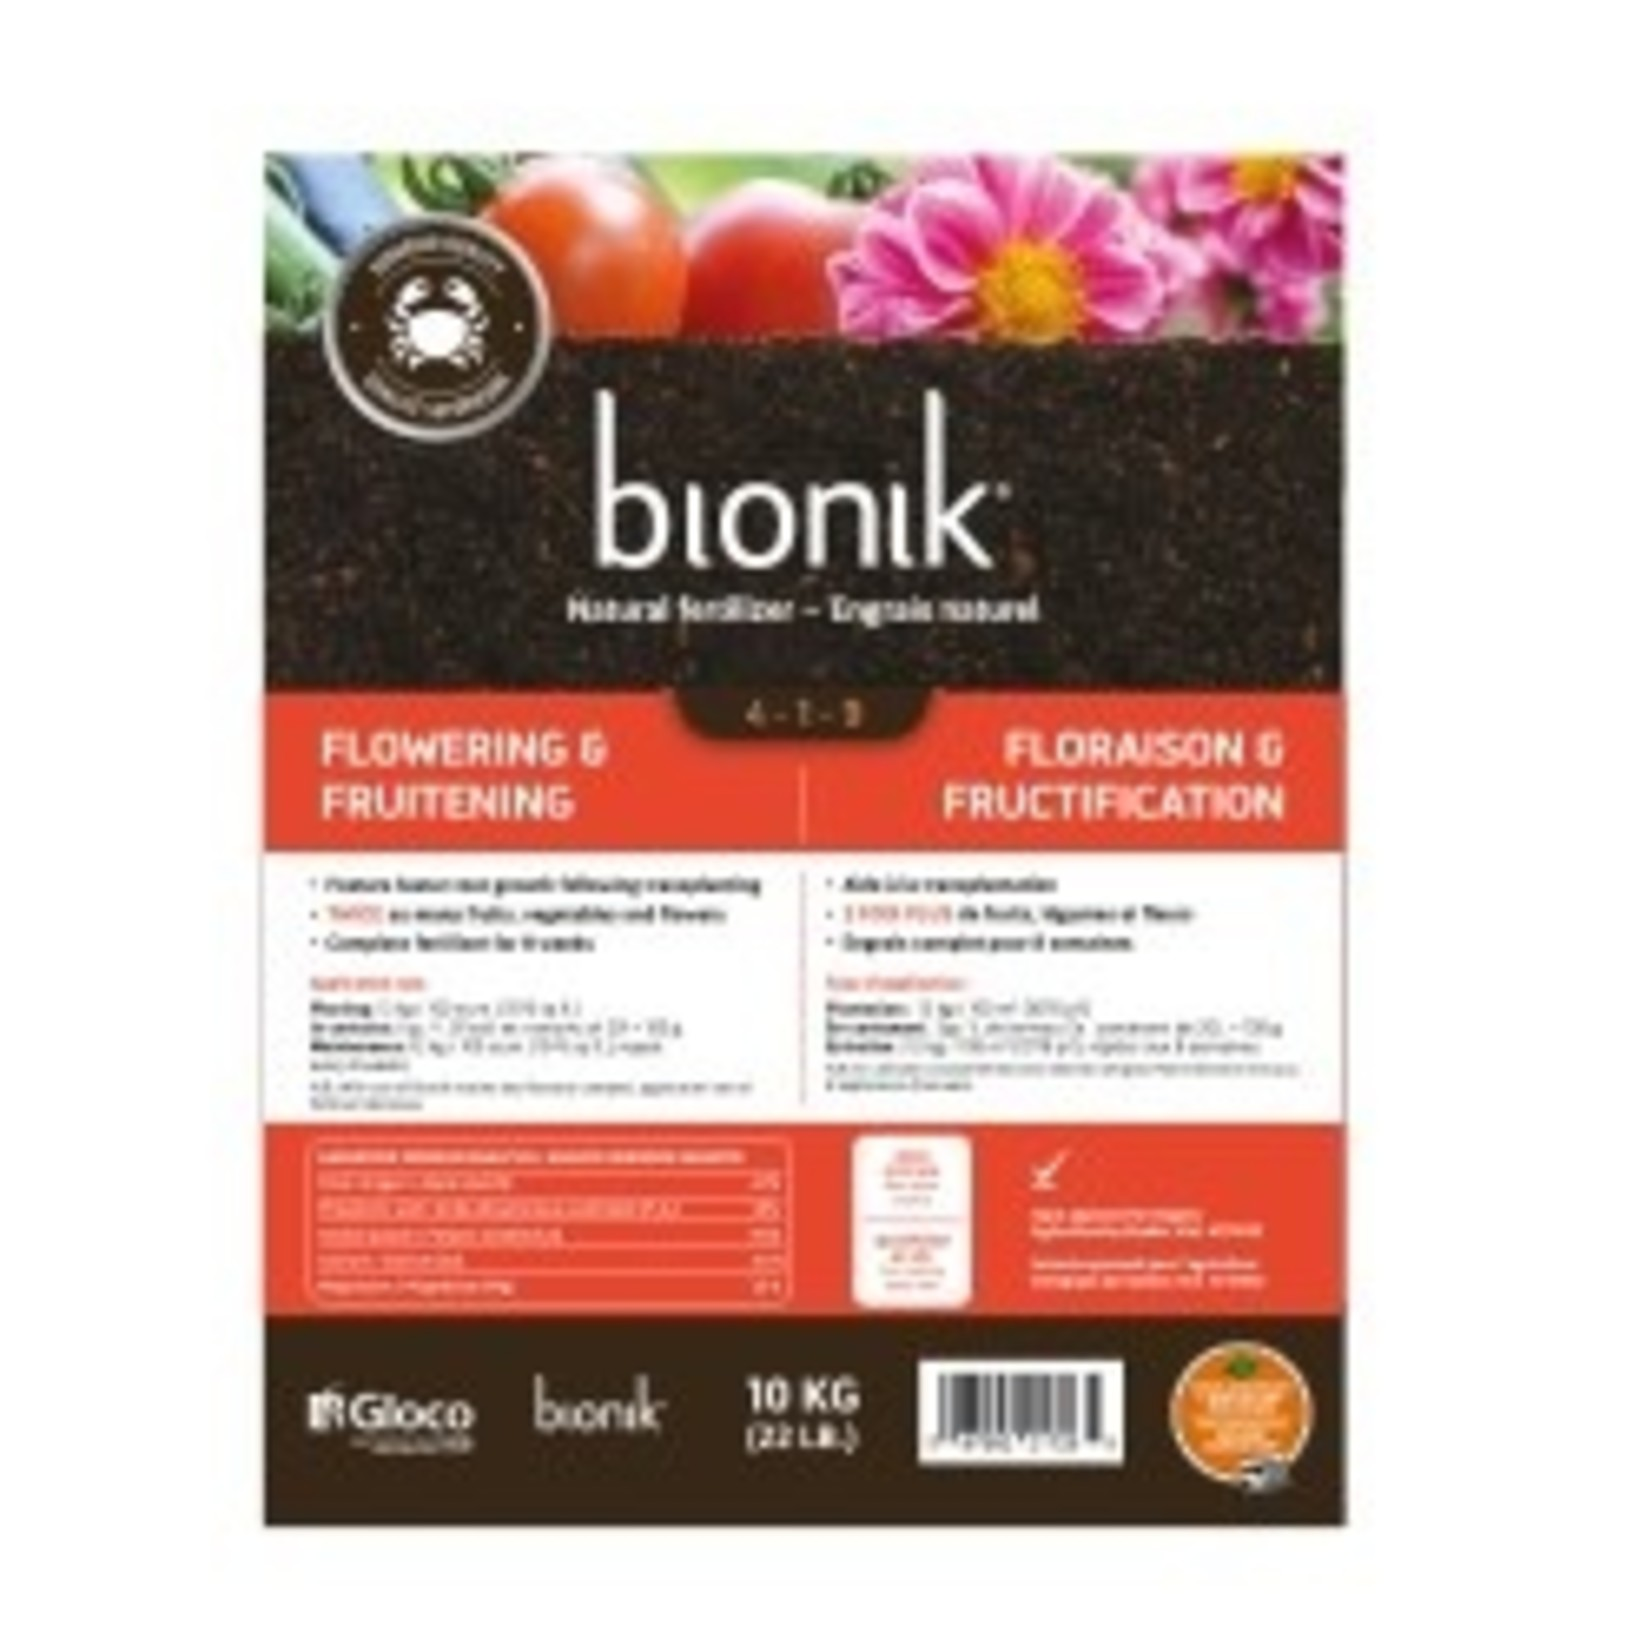 Bionik Flowering & Fruitening  10 kg